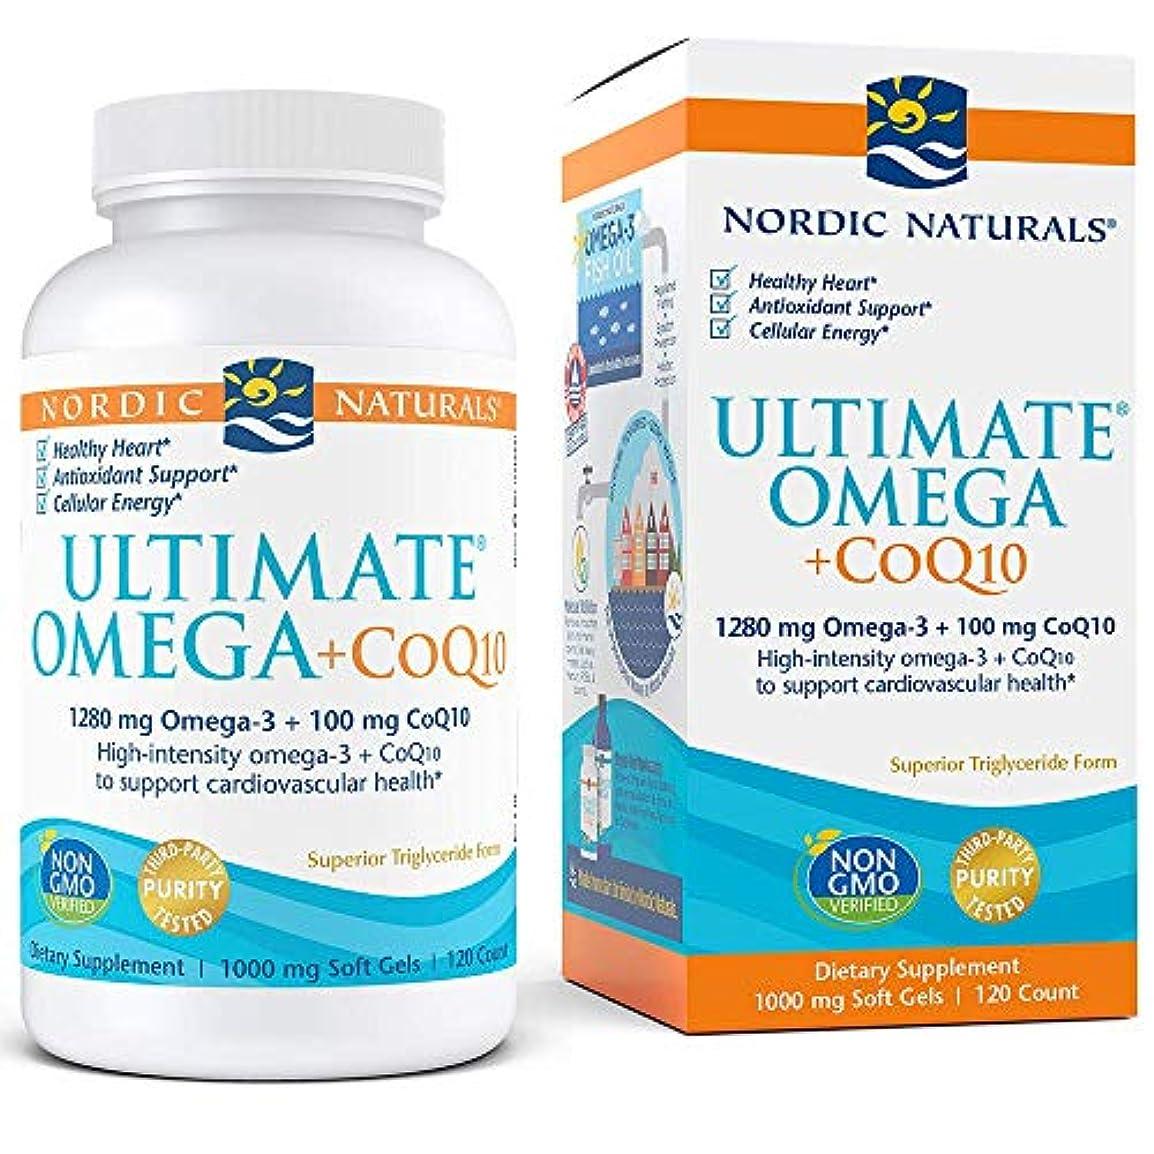 雑品狐熟読するNordic Naturals Ultimate Omega + CoQ10 アルティメットオメガ+コエンザイムQ10 120錠 [海外直送品]